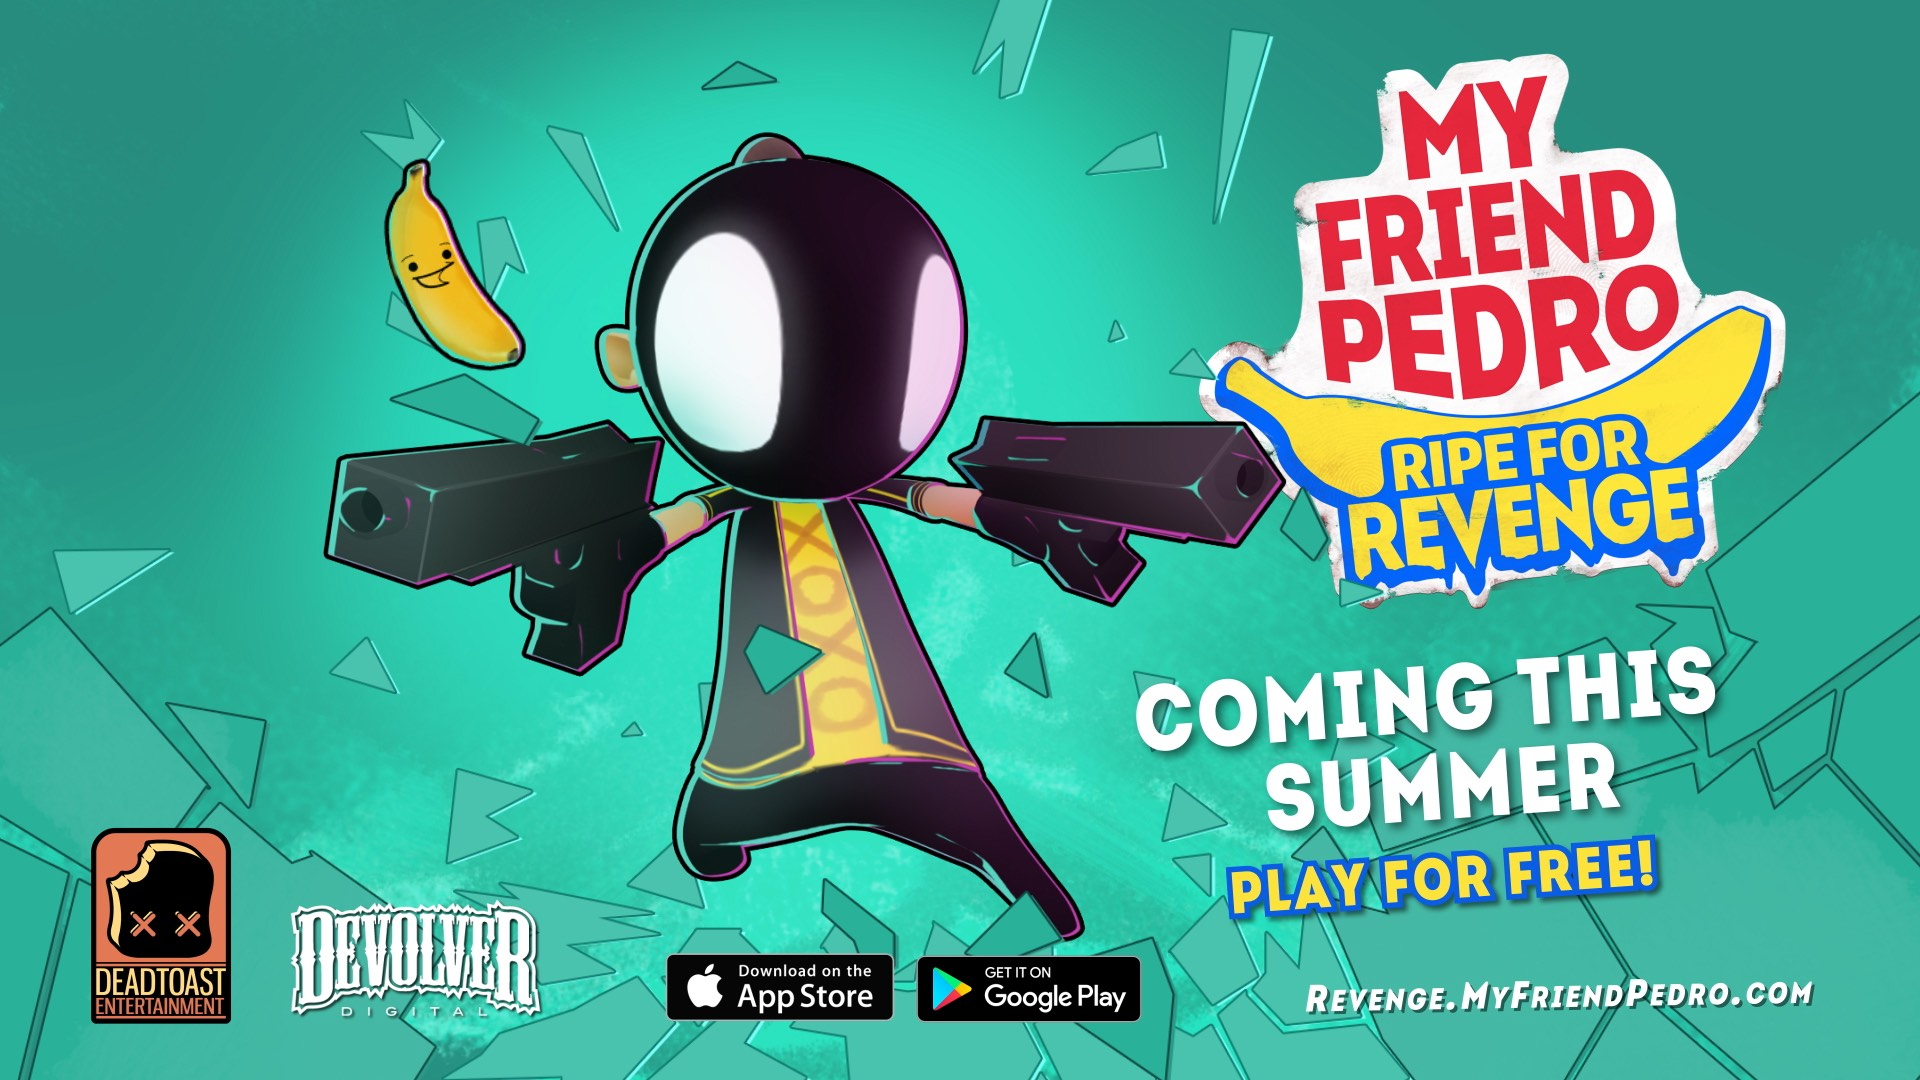 《我的朋友佩德羅:蕉仇必報 My Friend Pedro: Ripe for Revenge》即將登上手機雙平台!